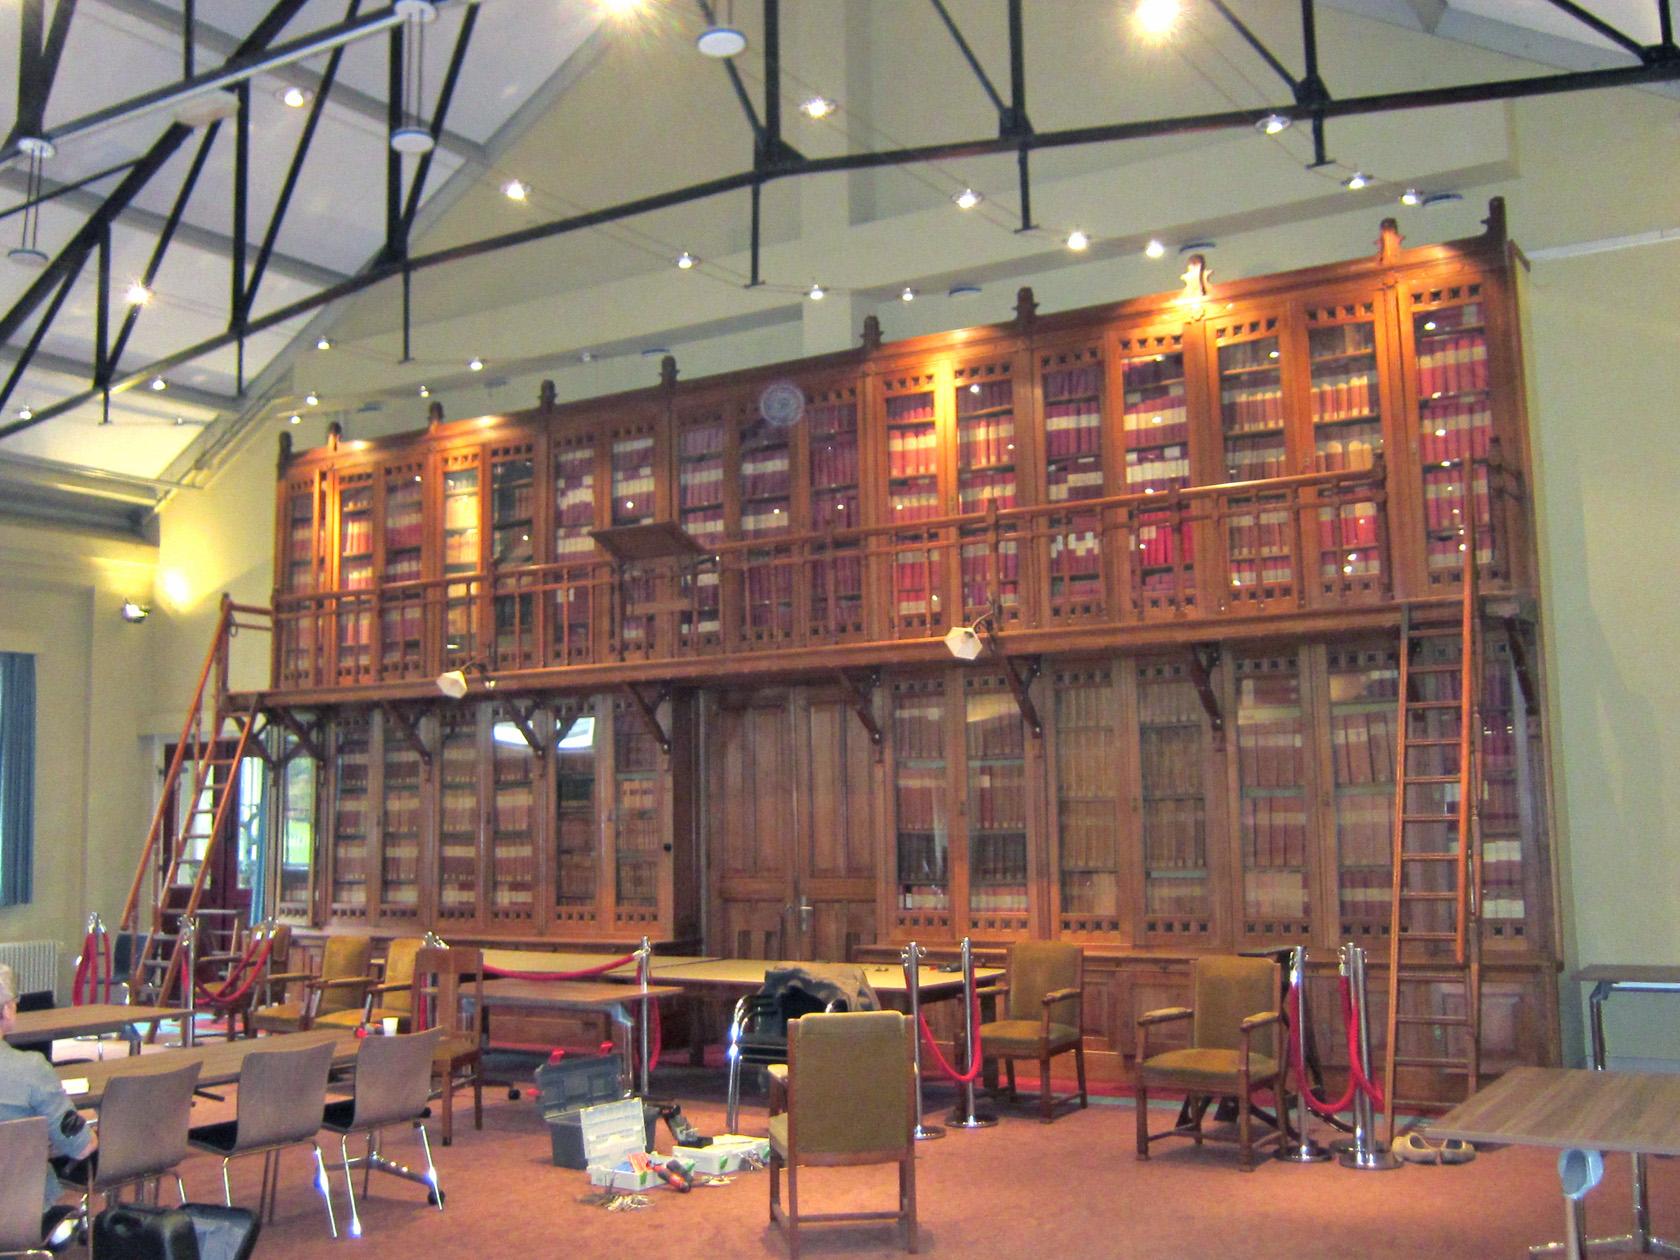 bibliotheekkast, asr verzekeringen, centraal museum utrecht, demonteren en verplaatsen, hout